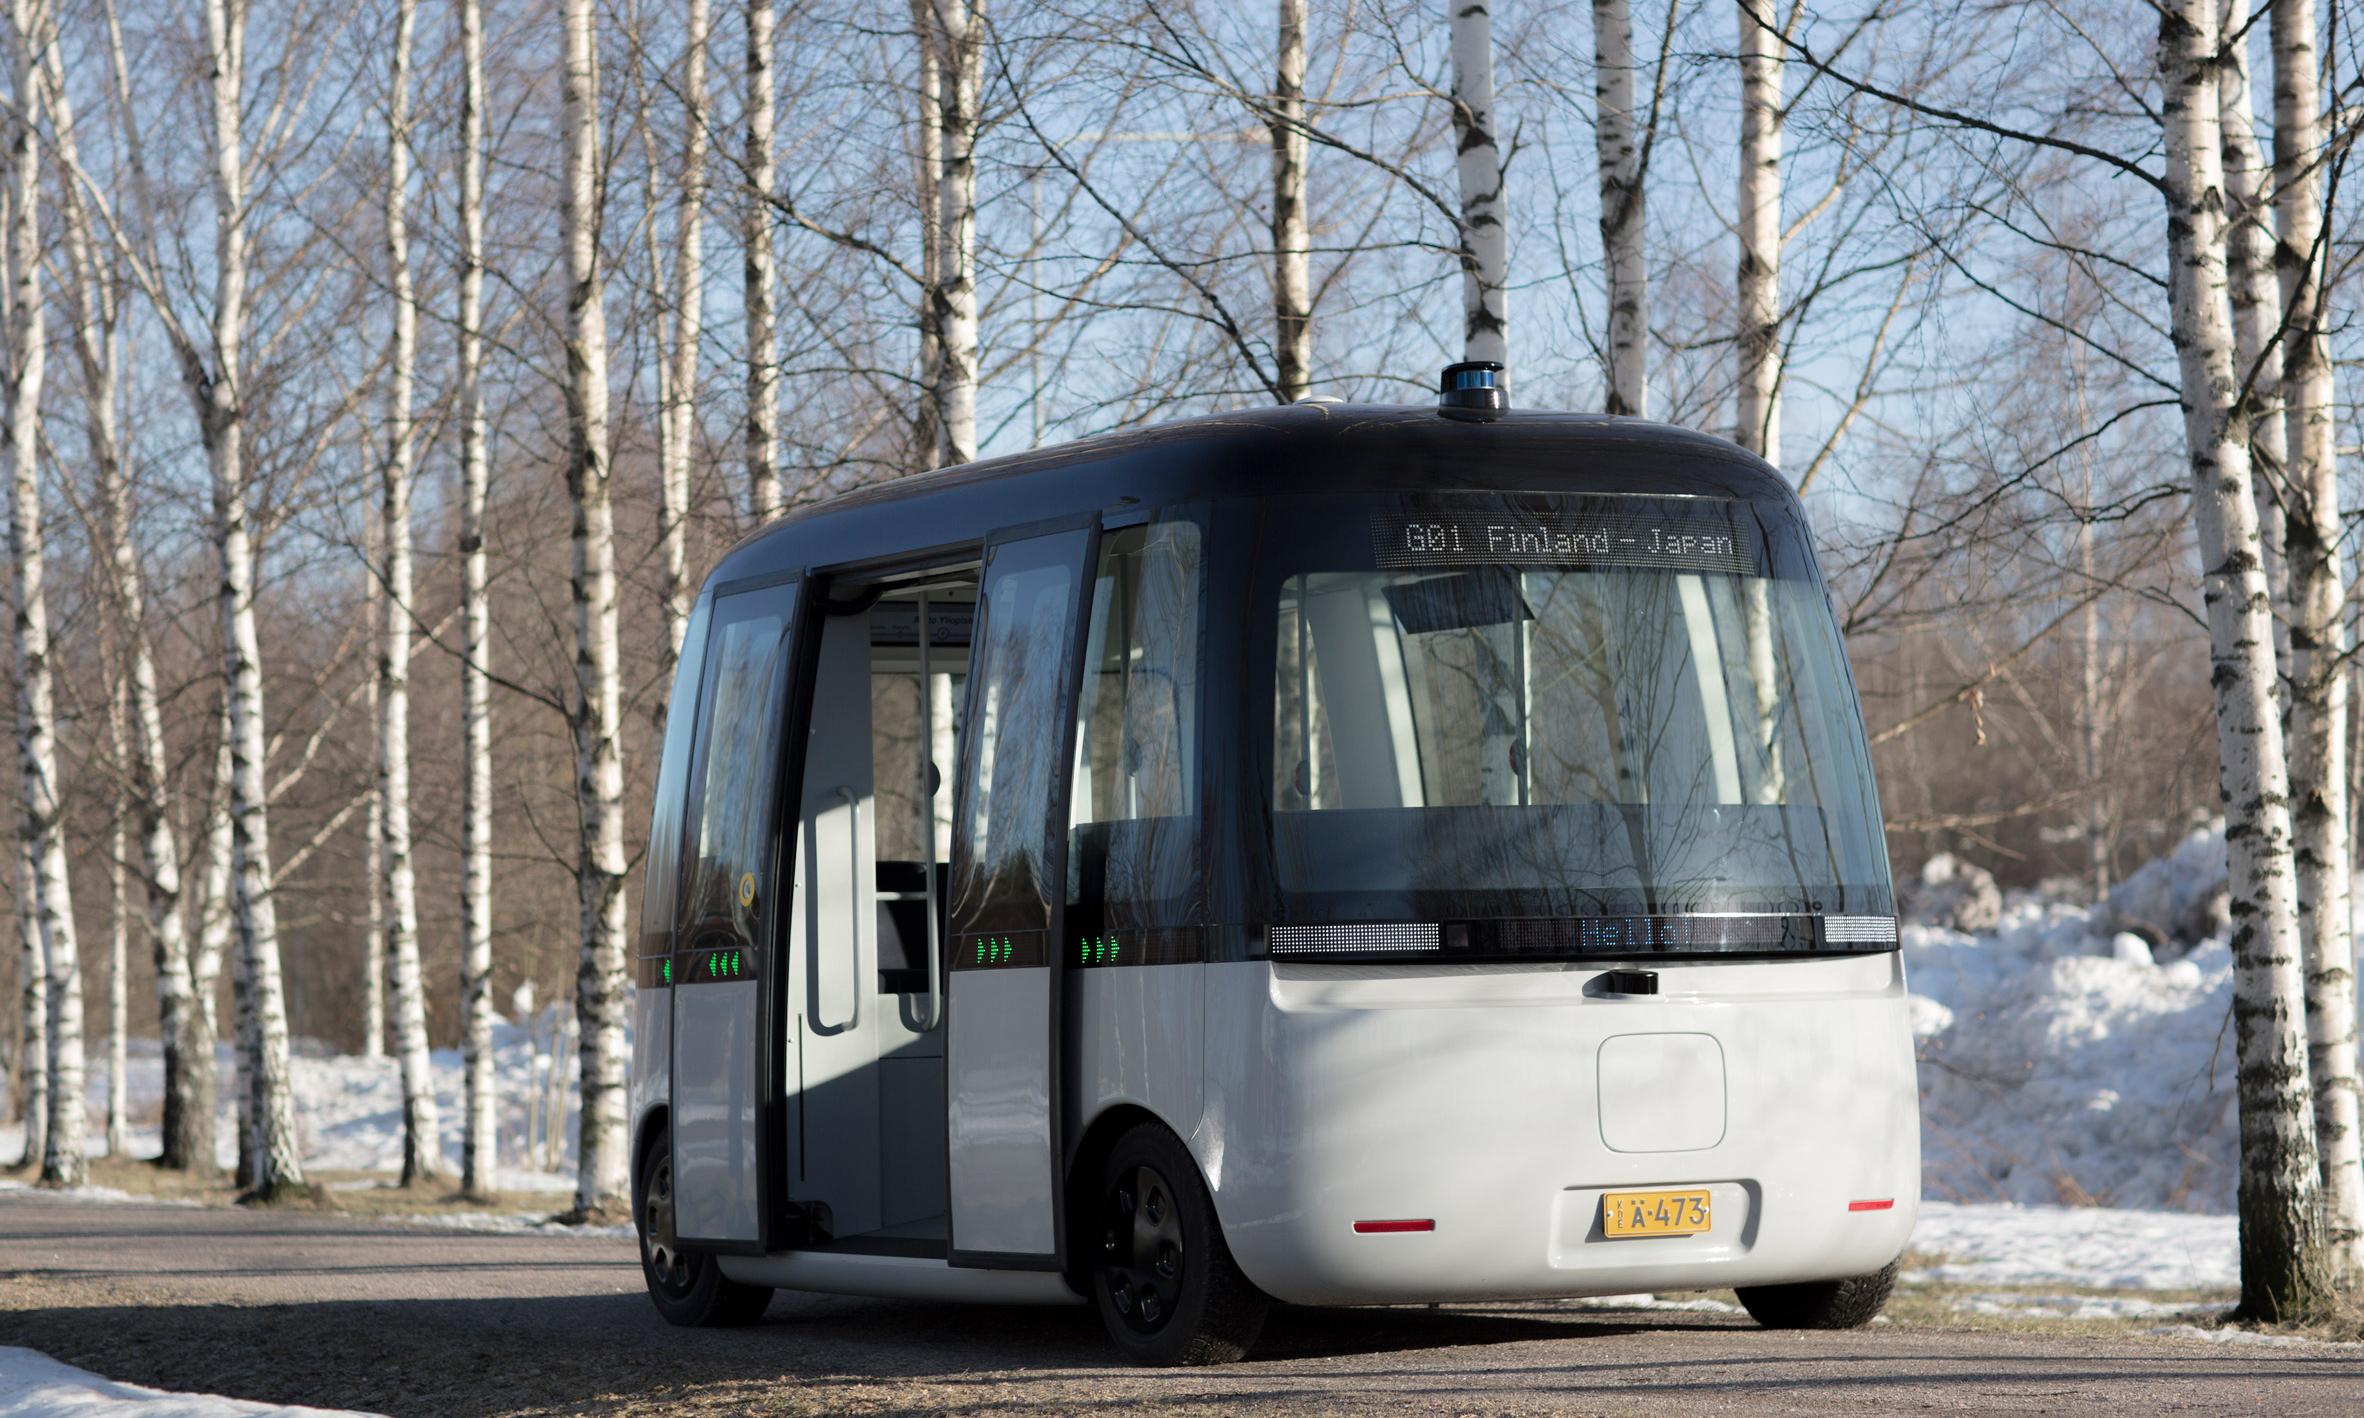 灵活应对恶劣天气,MUJI x Sensible4 自动驾驶巴士完成首次上路